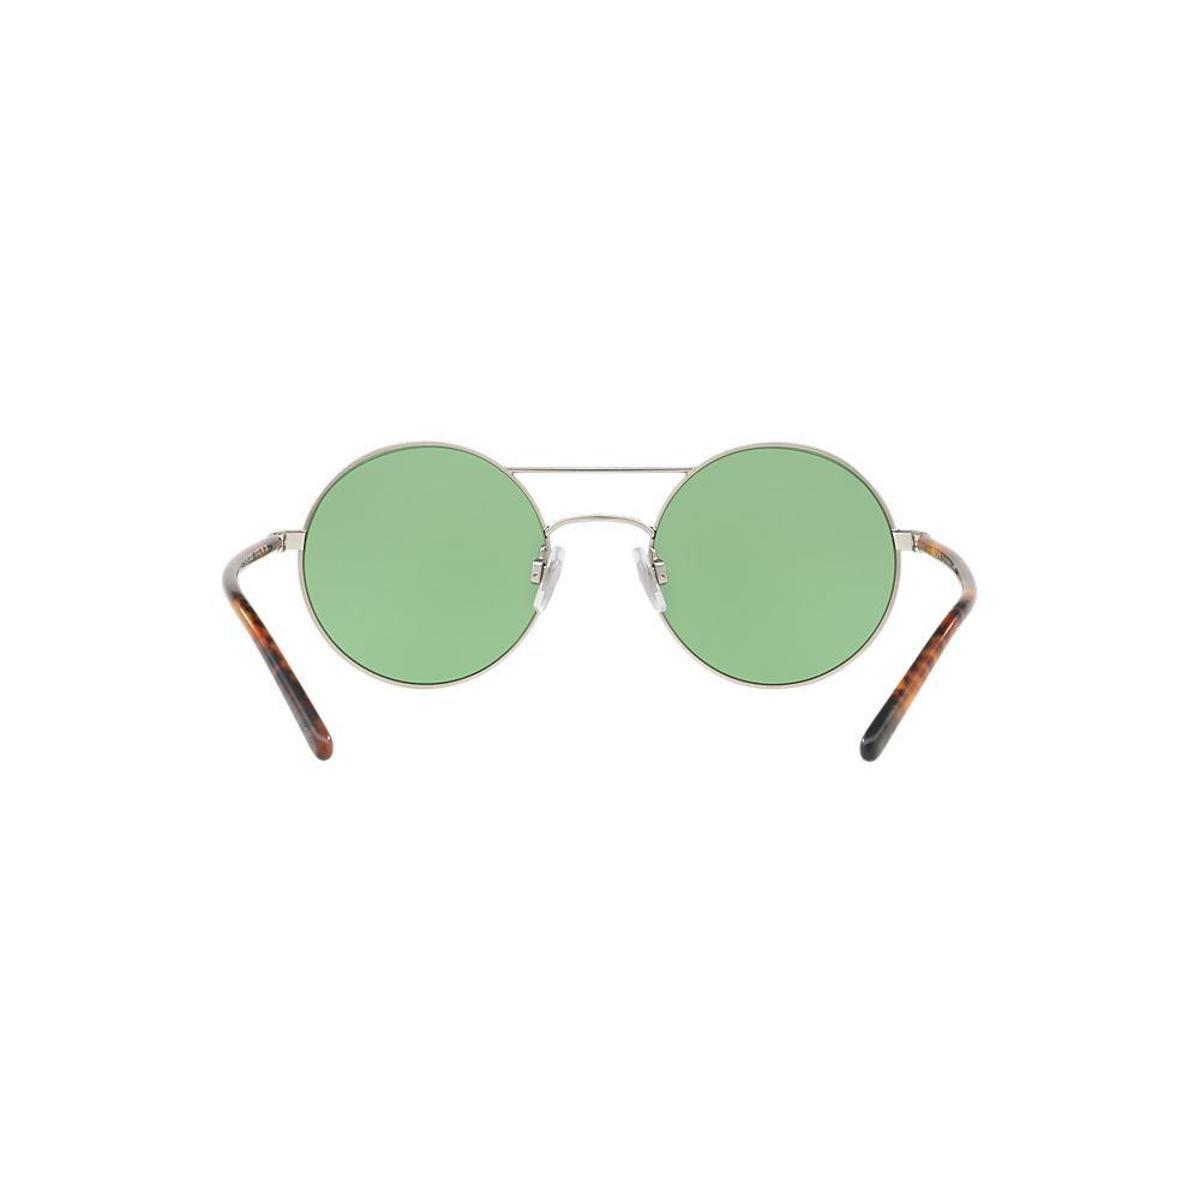 f3c3fade9a28a Óculos de Sol Polo Ralph Lauren Redondo PH3108 Feminino - Compre ...